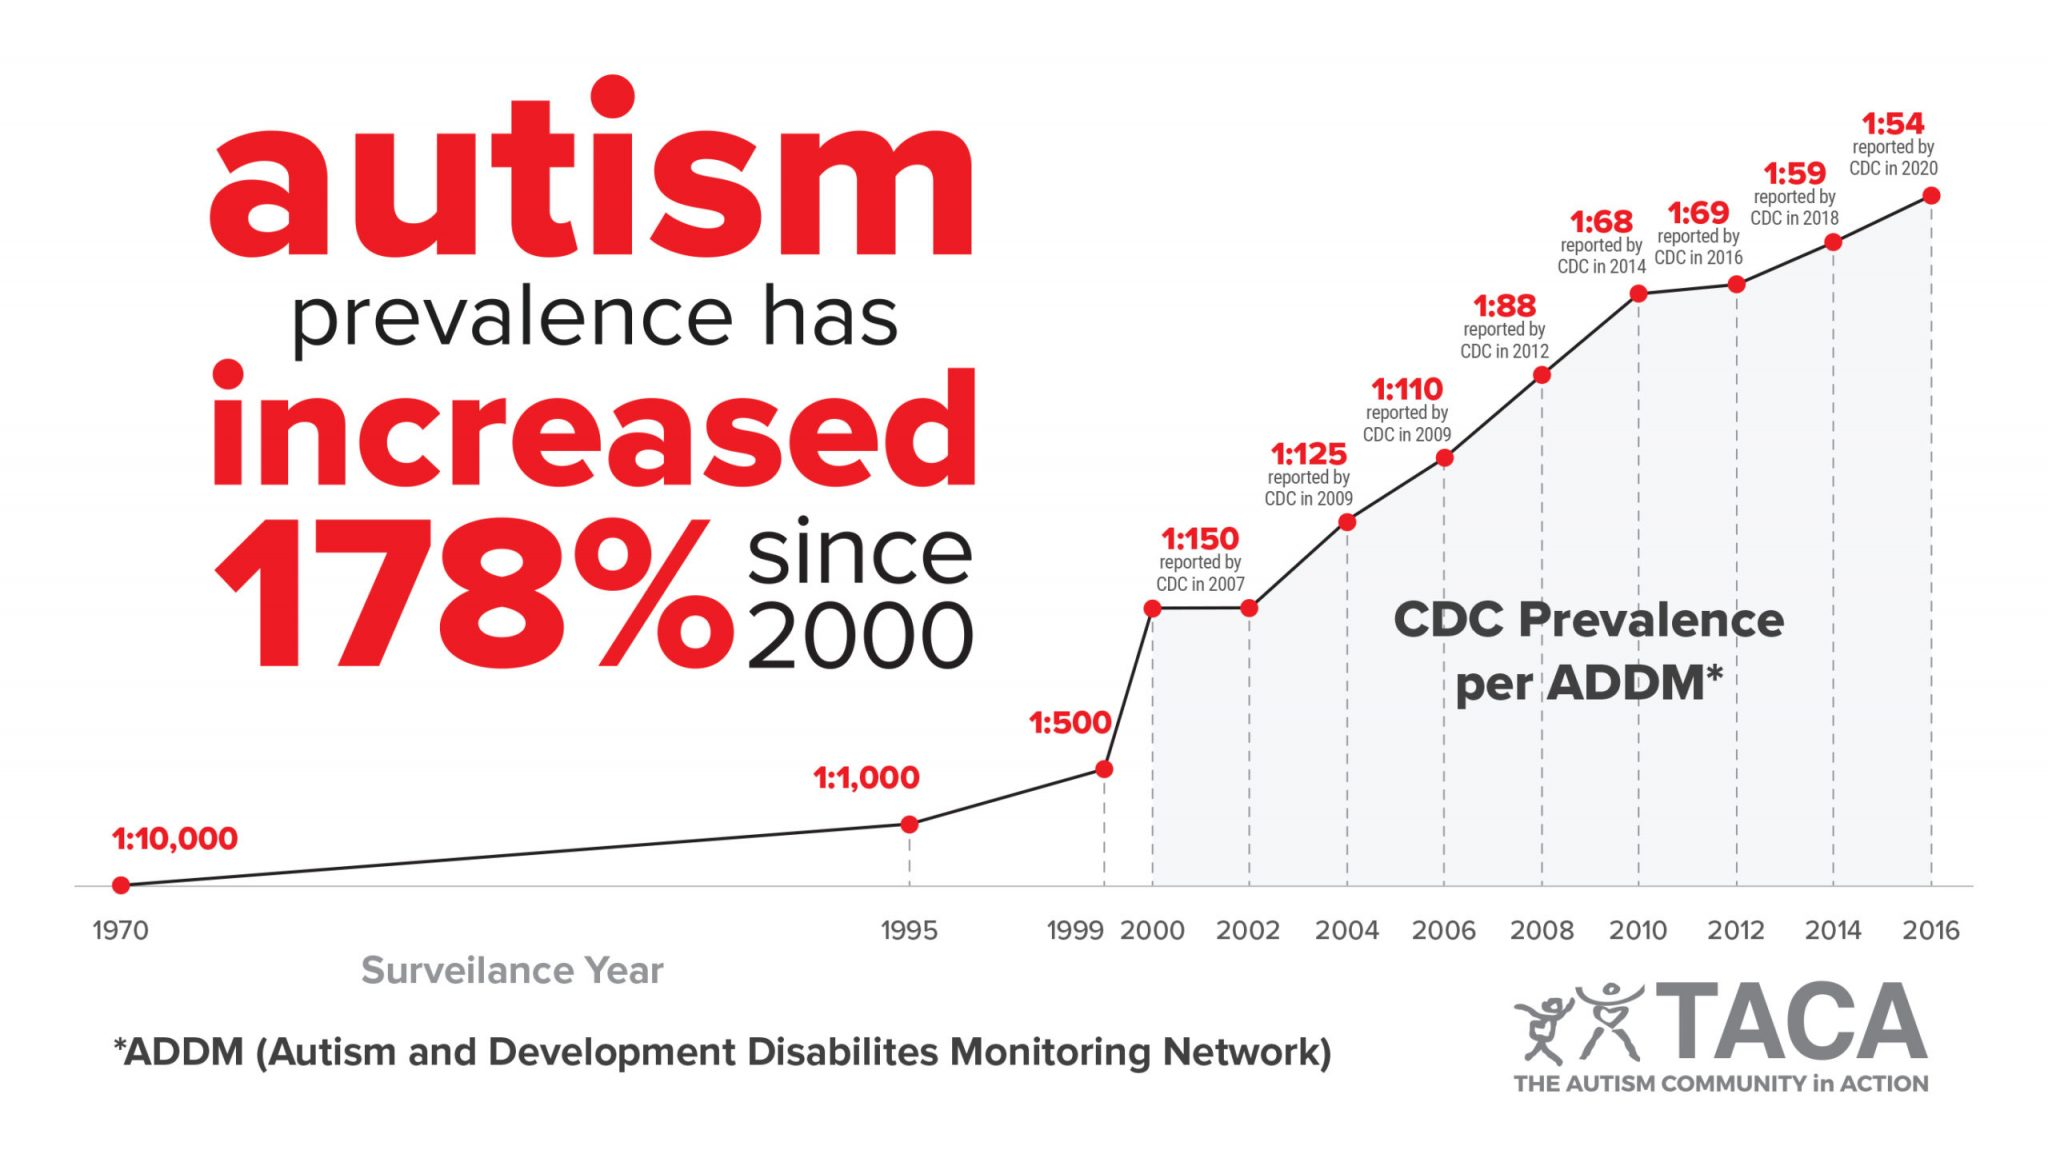 Αύξηση των διαγνώσεων στον αυτισμό